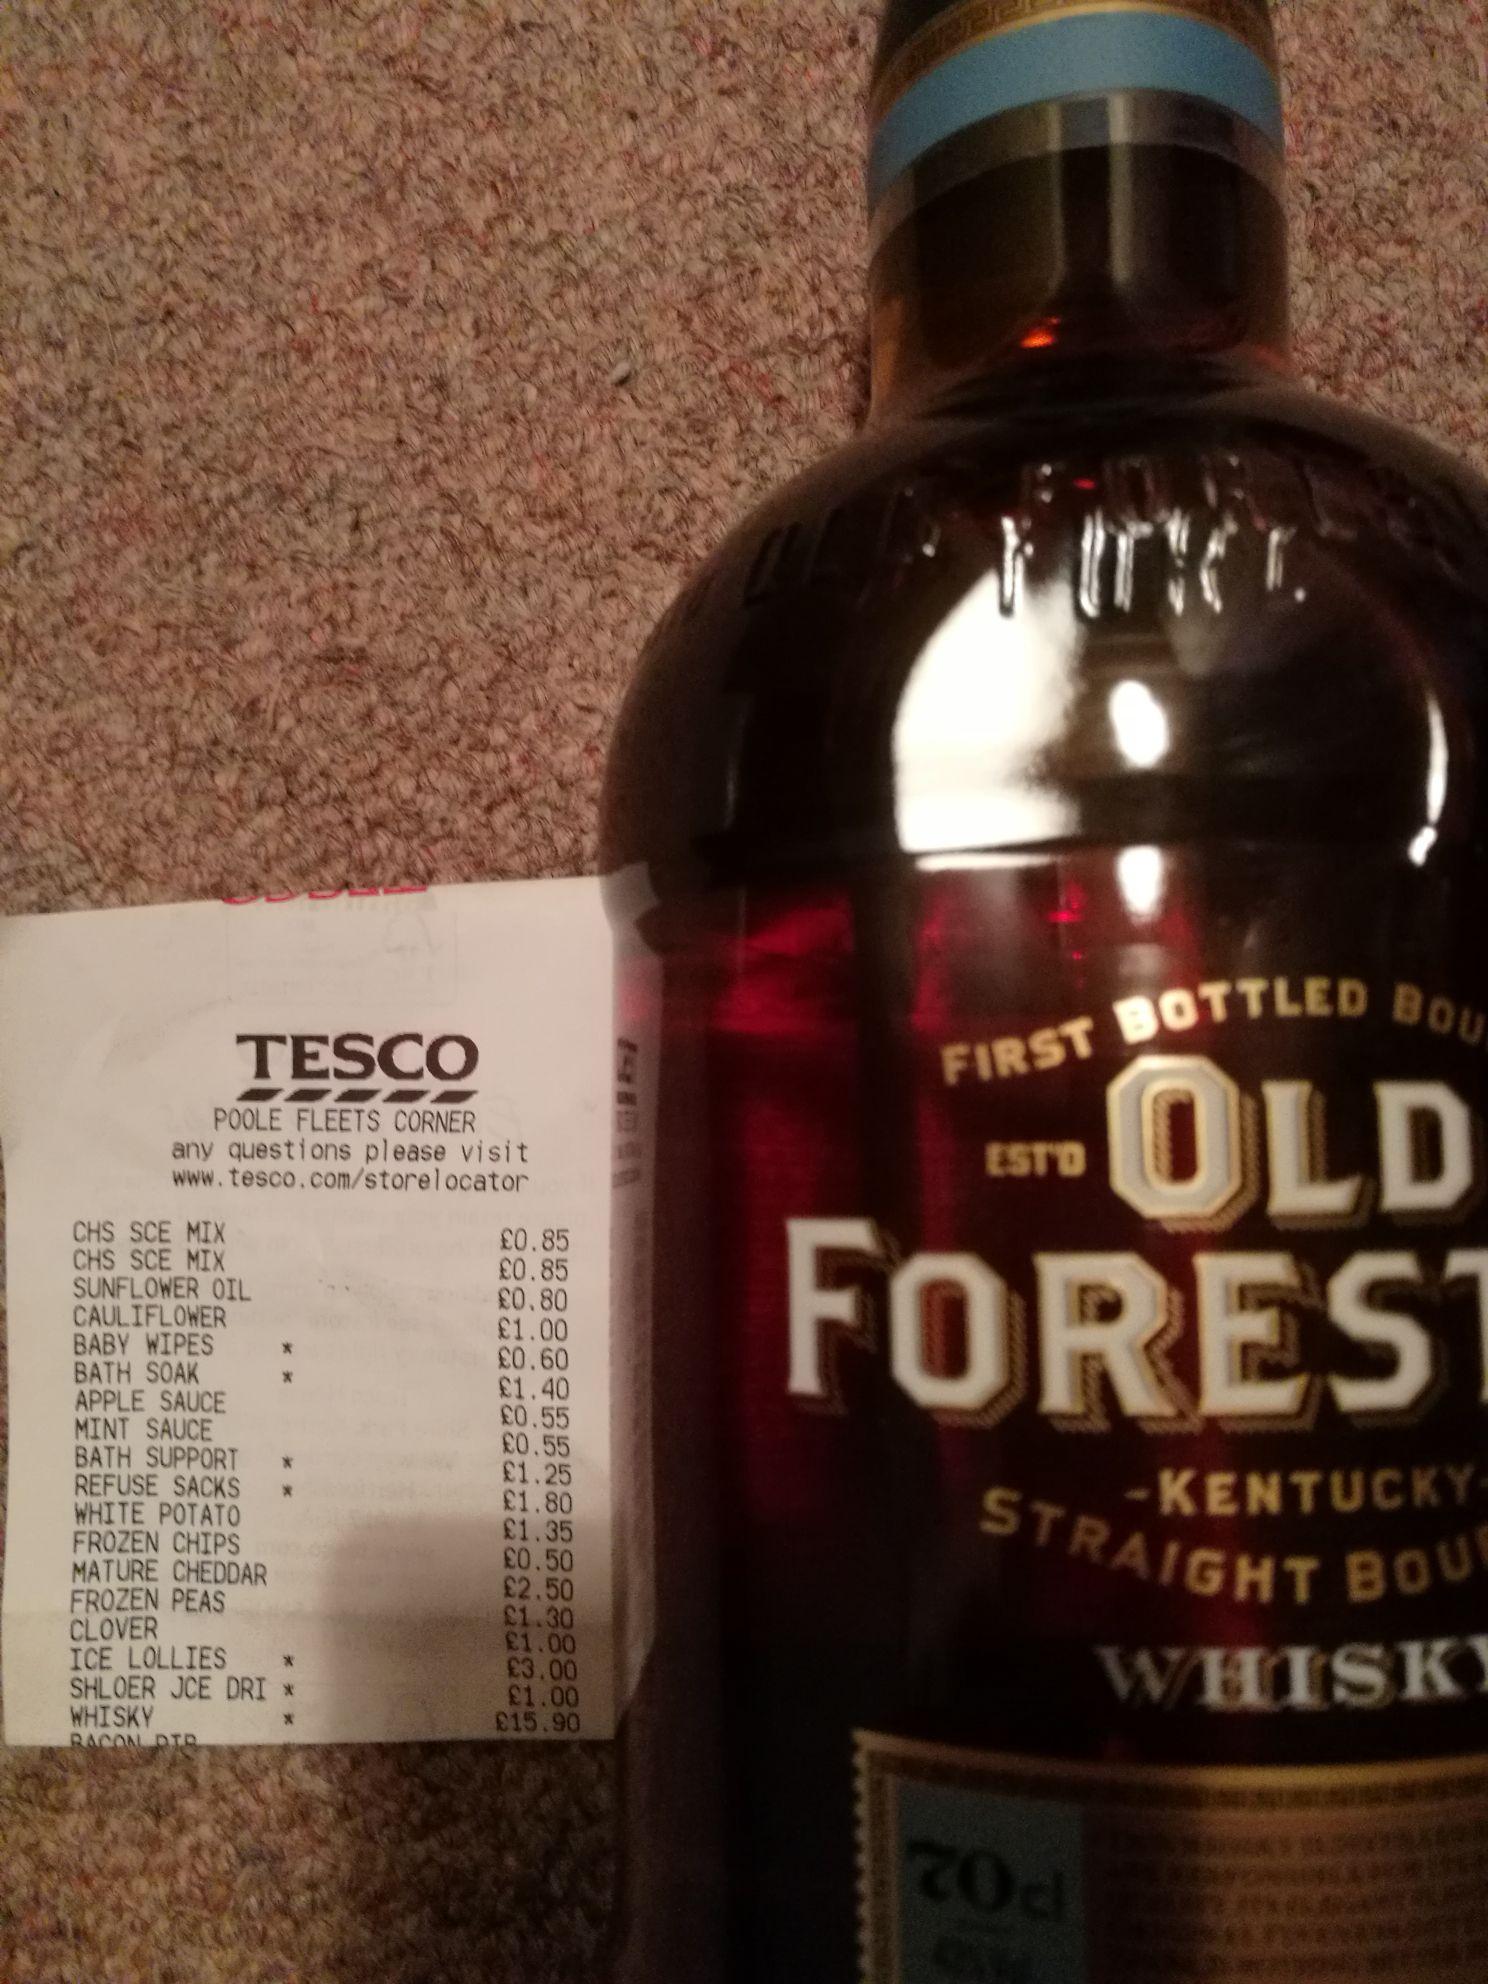 Old Forester Bourbon Whisky - £15.90 instore @ Tesco